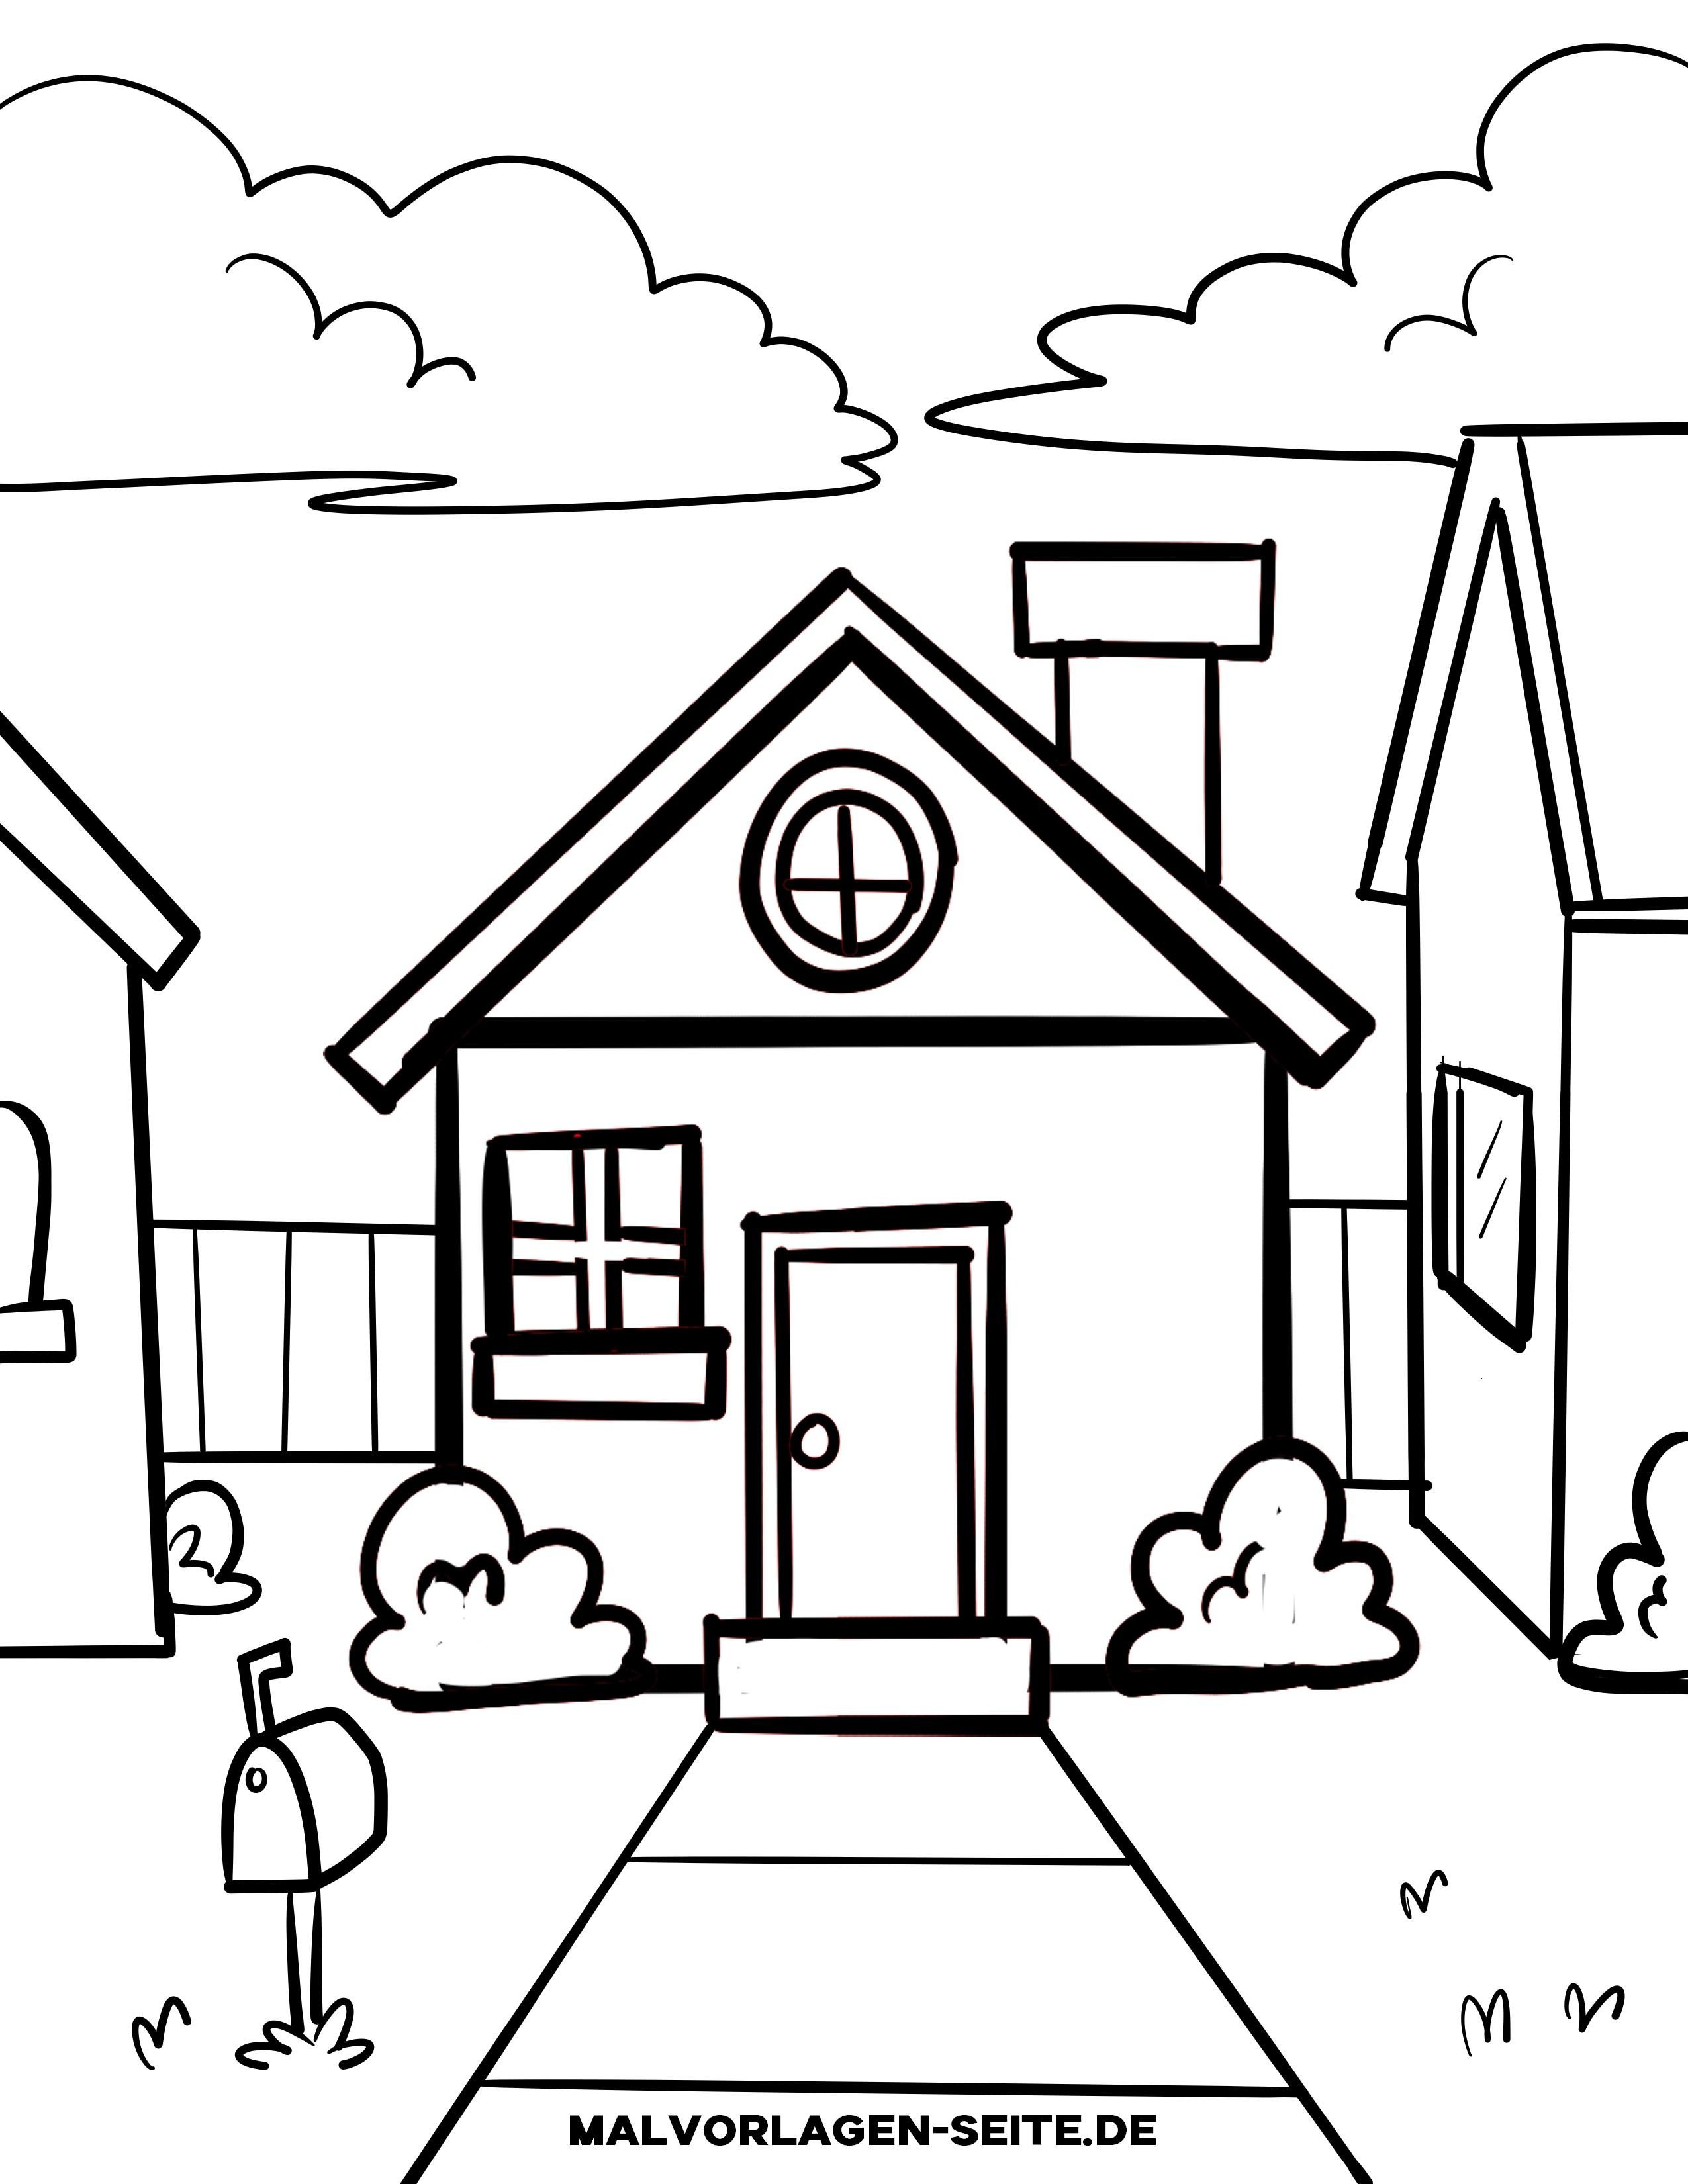 Malvorlage kleine Kinder - Haus - Kostenlose Ausmalbilder